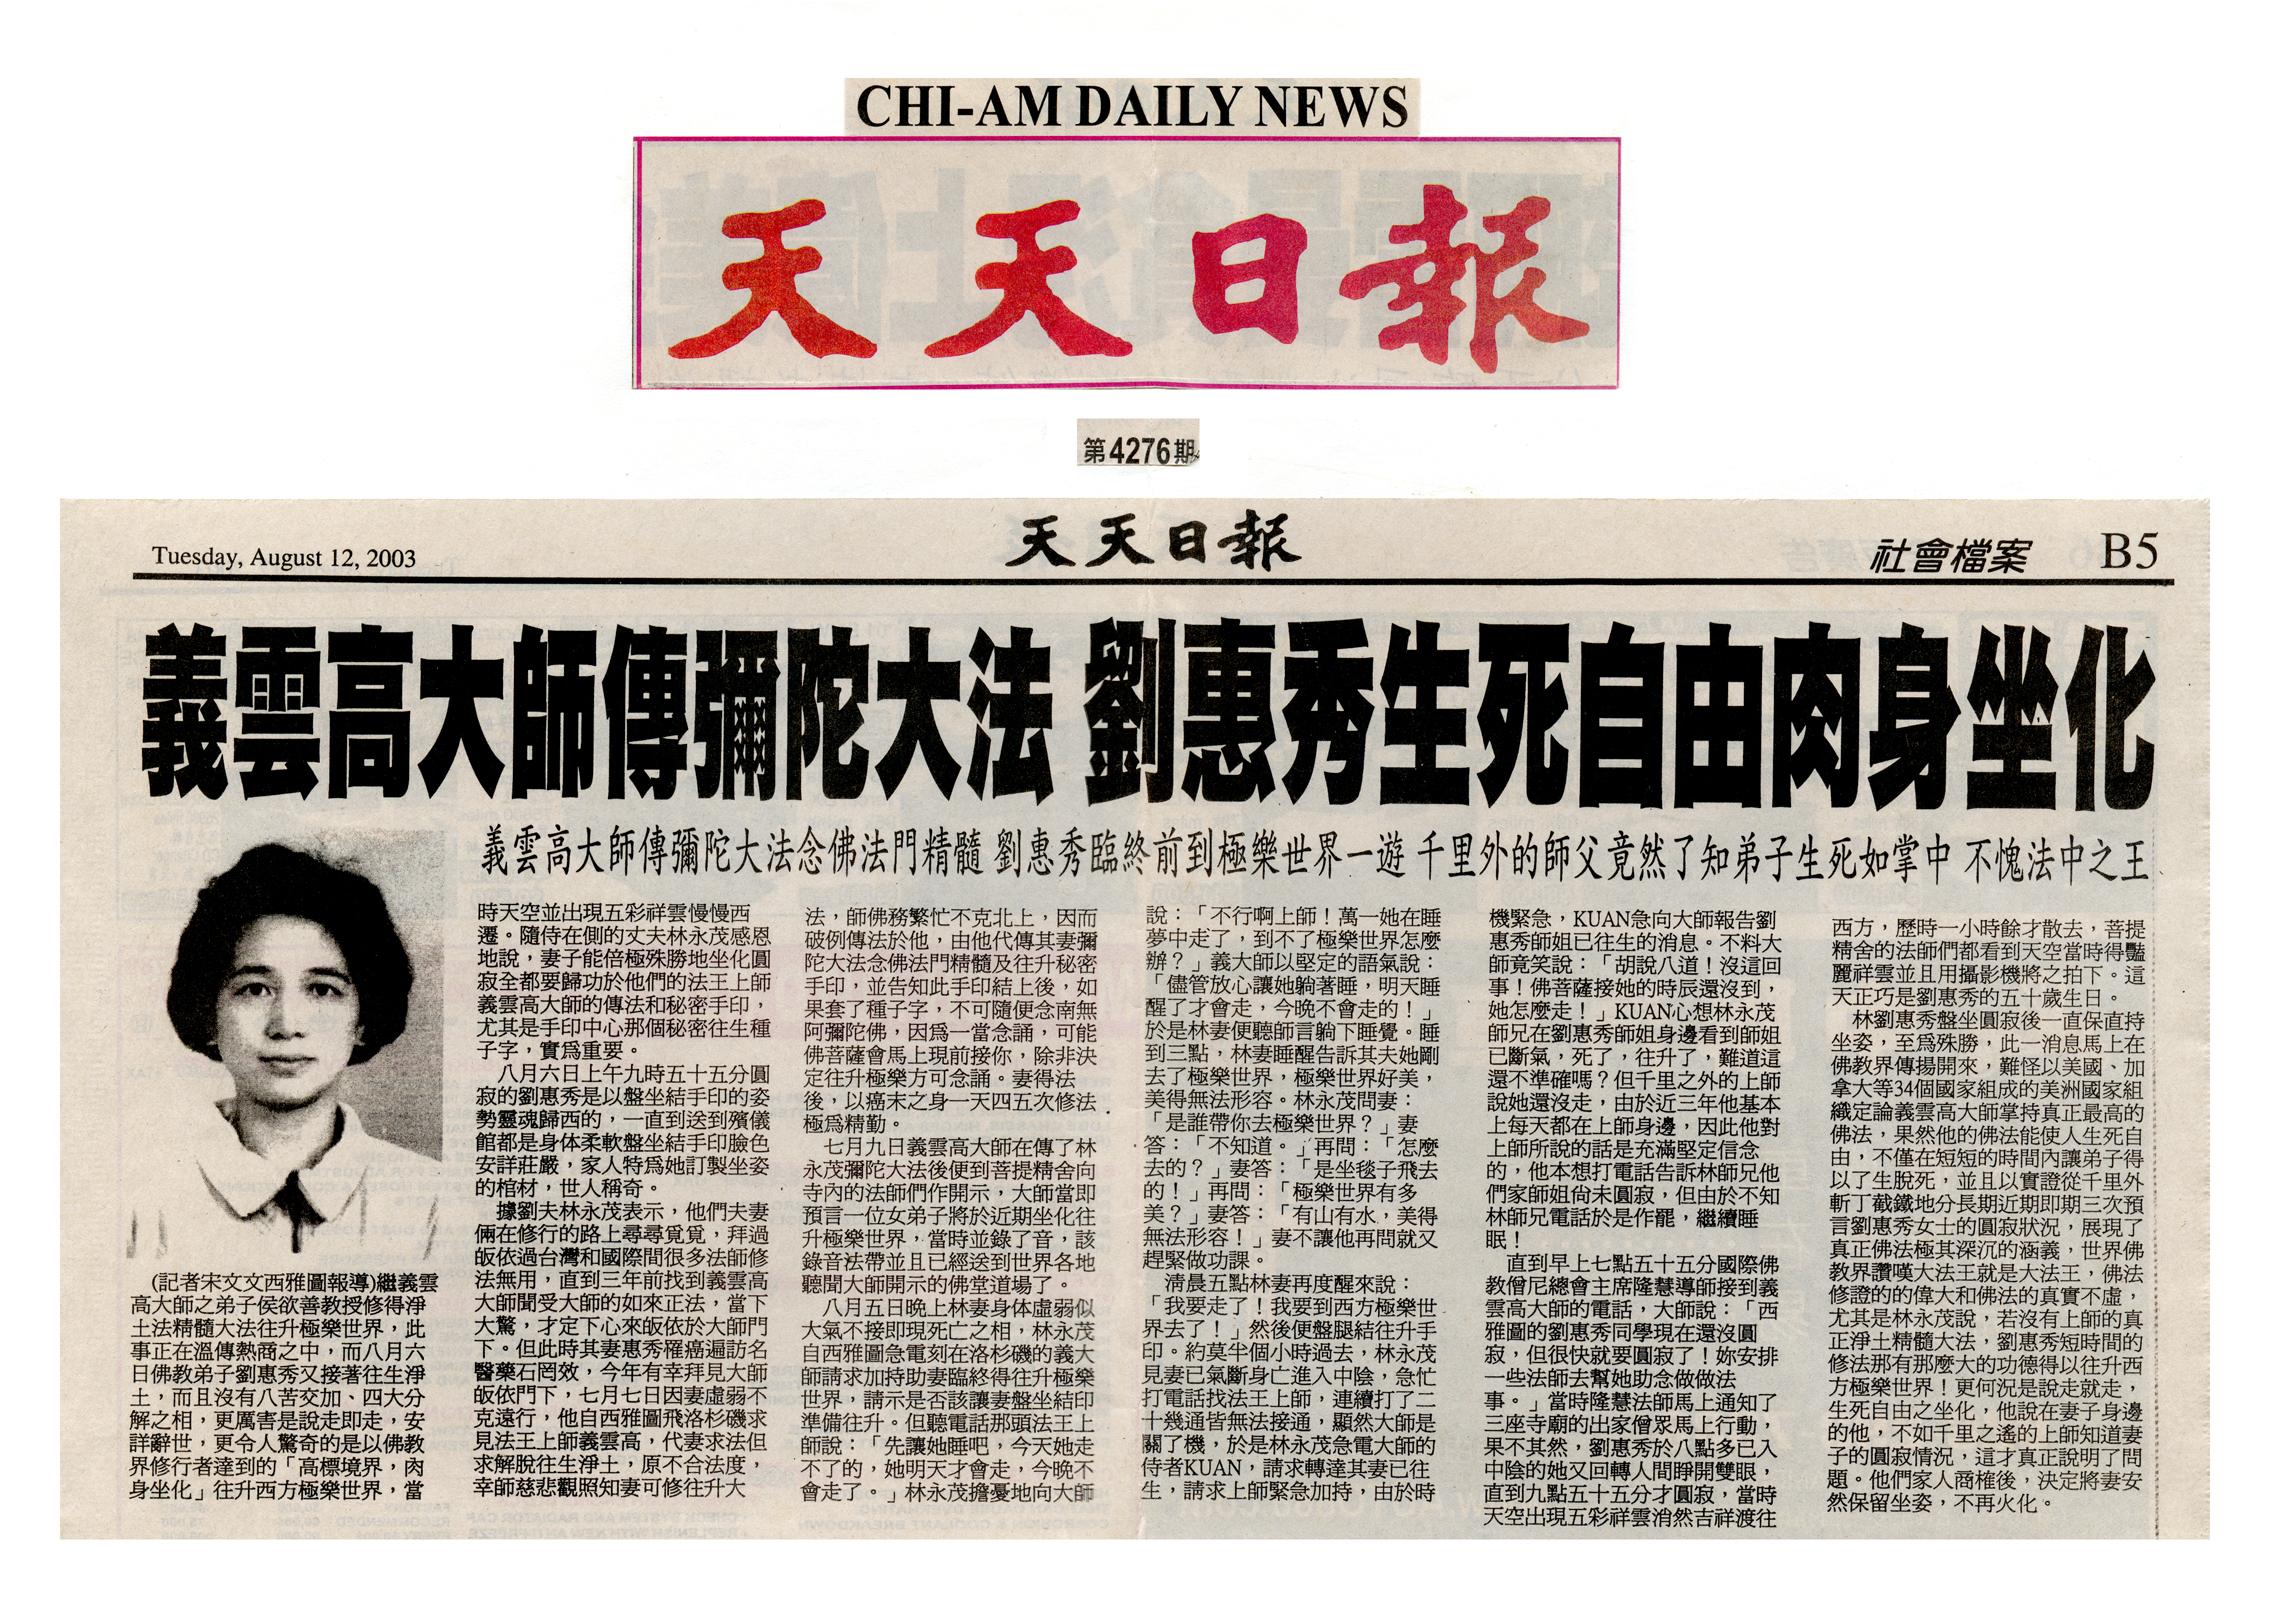 劉惠秀生死自由肉身座化1